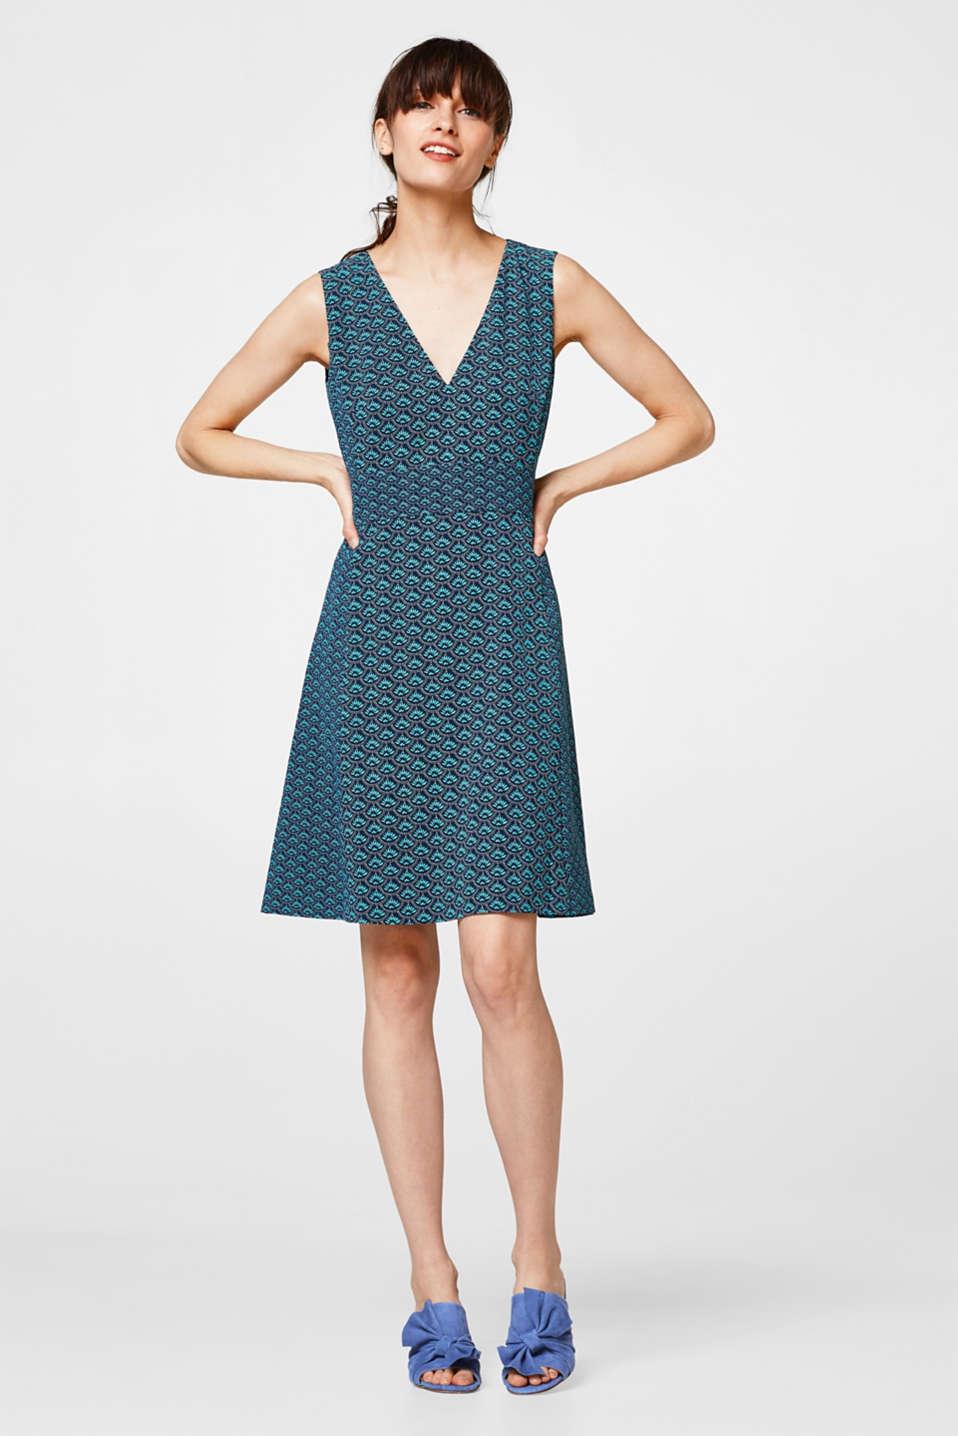 Esprit - Jacquard-Kleid mit tiefem V-Ausschnitt im Online Shop kaufen